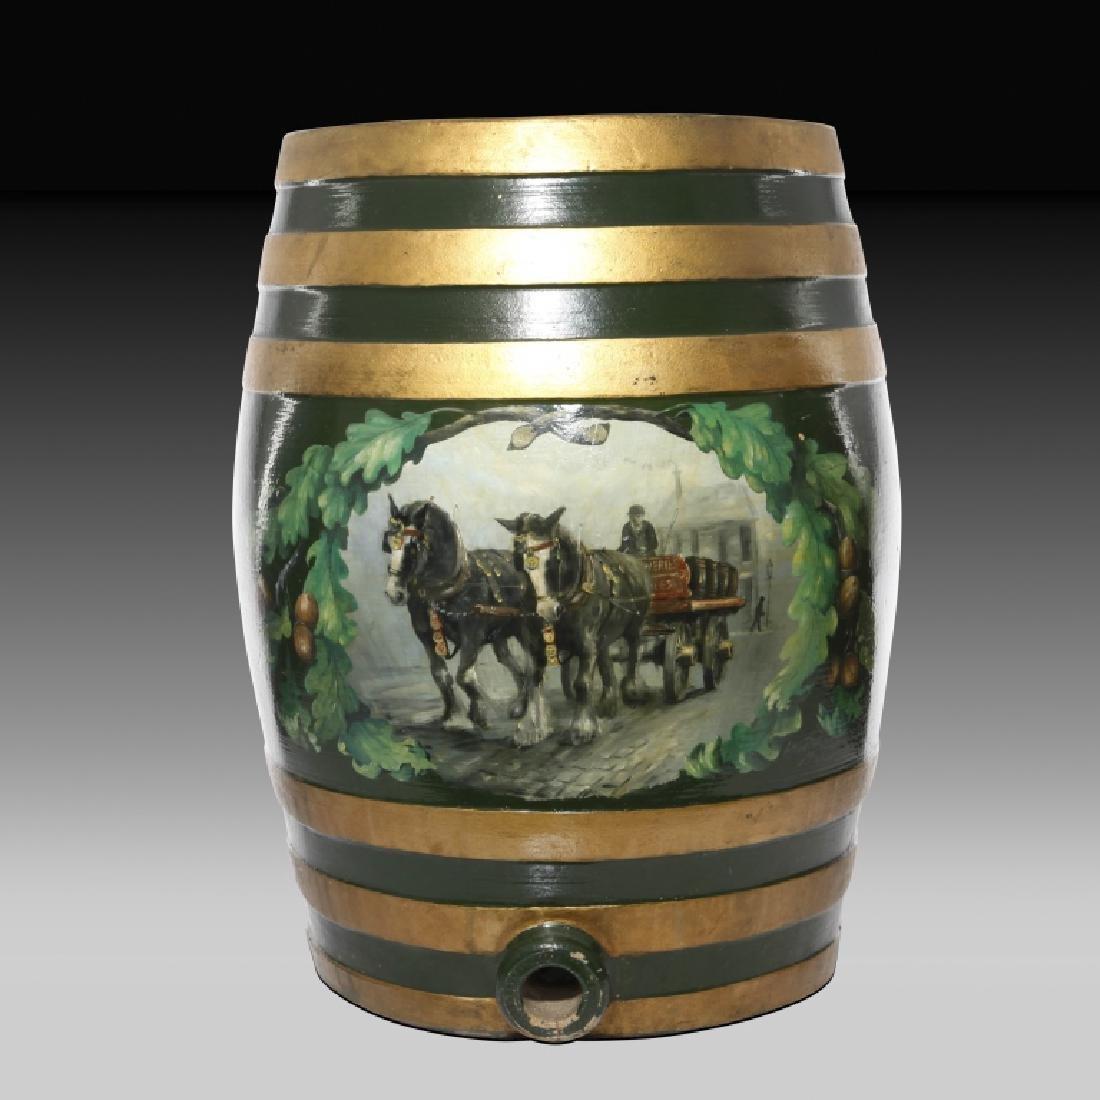 Doulton Lambeth Large Whiskey Barrel with Horses